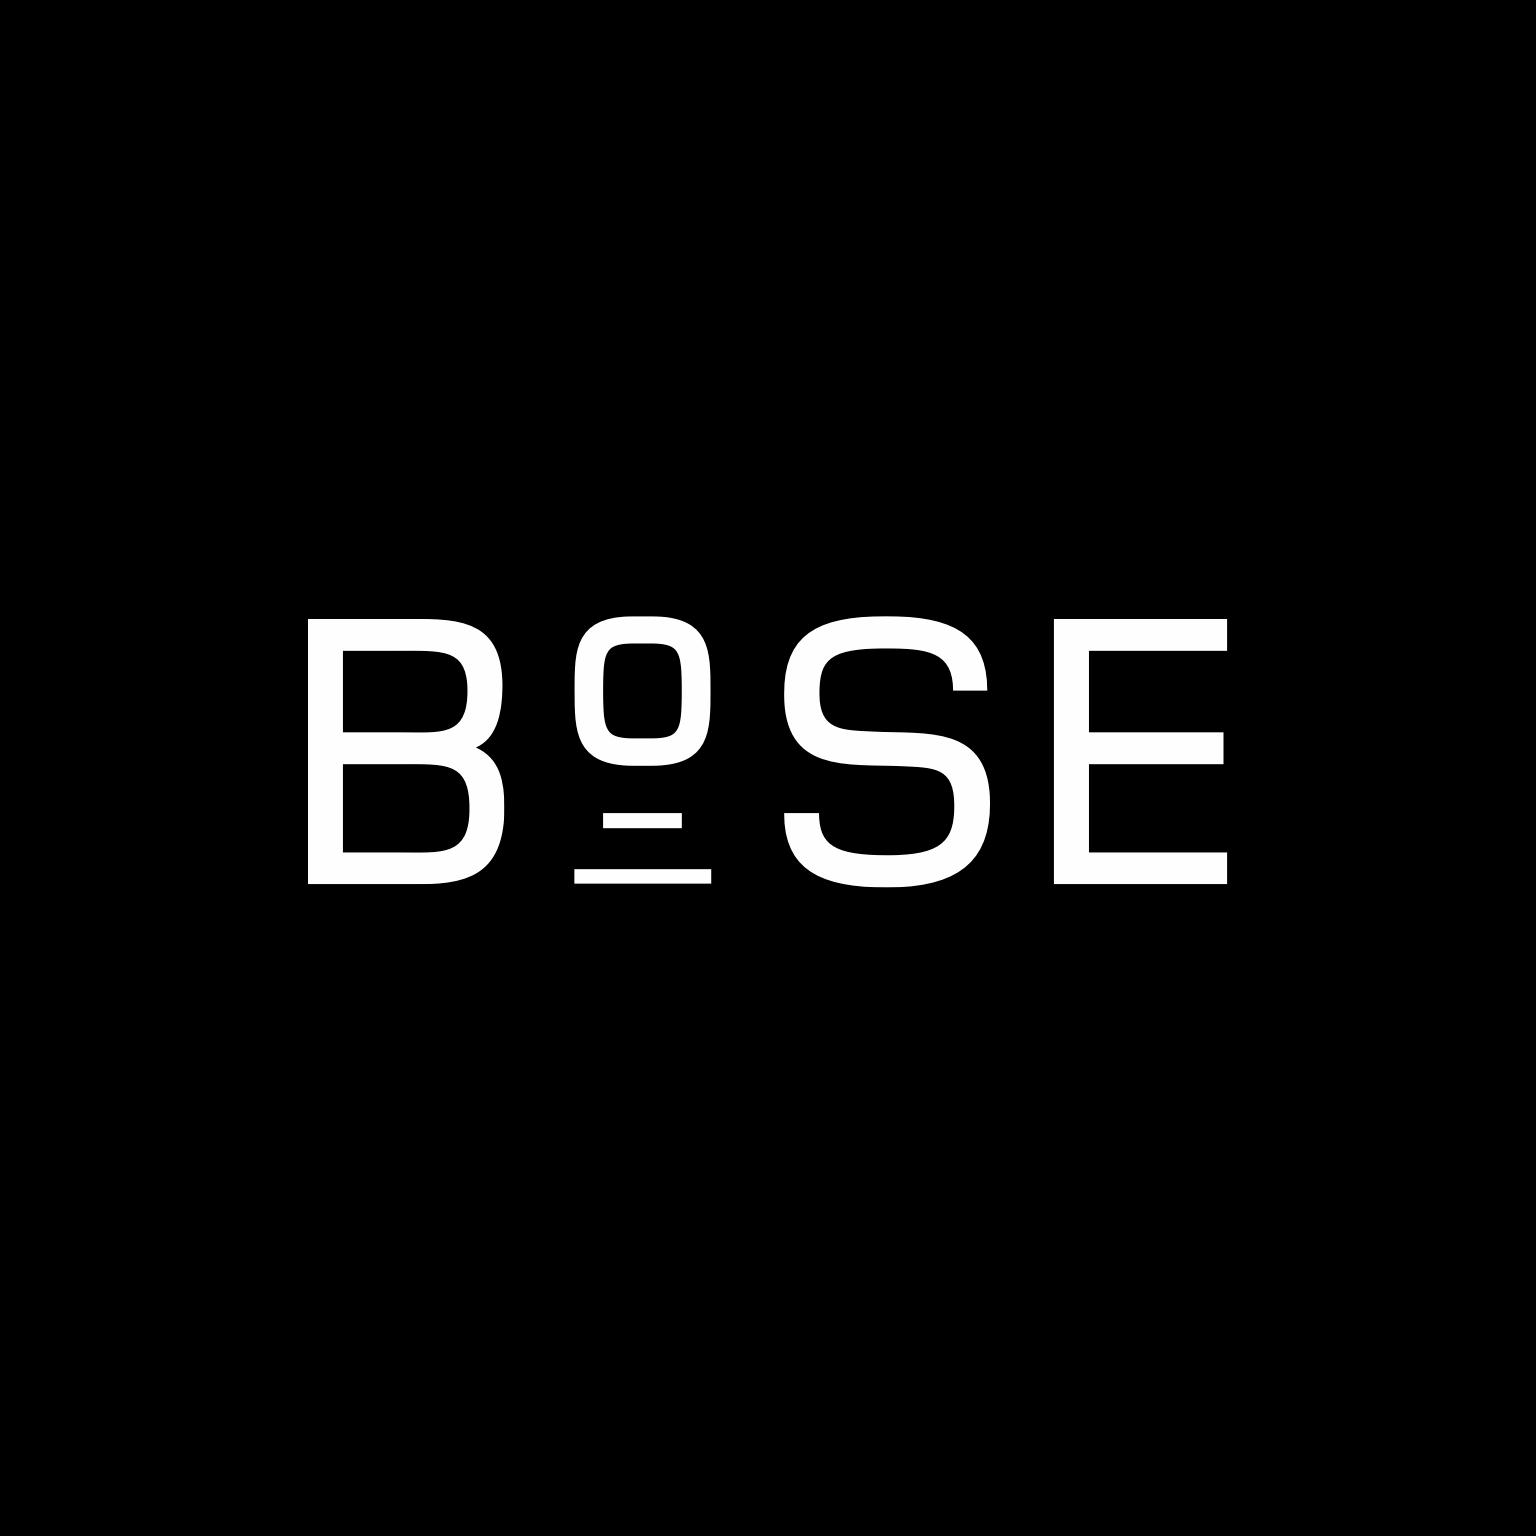 bose_logotype.png